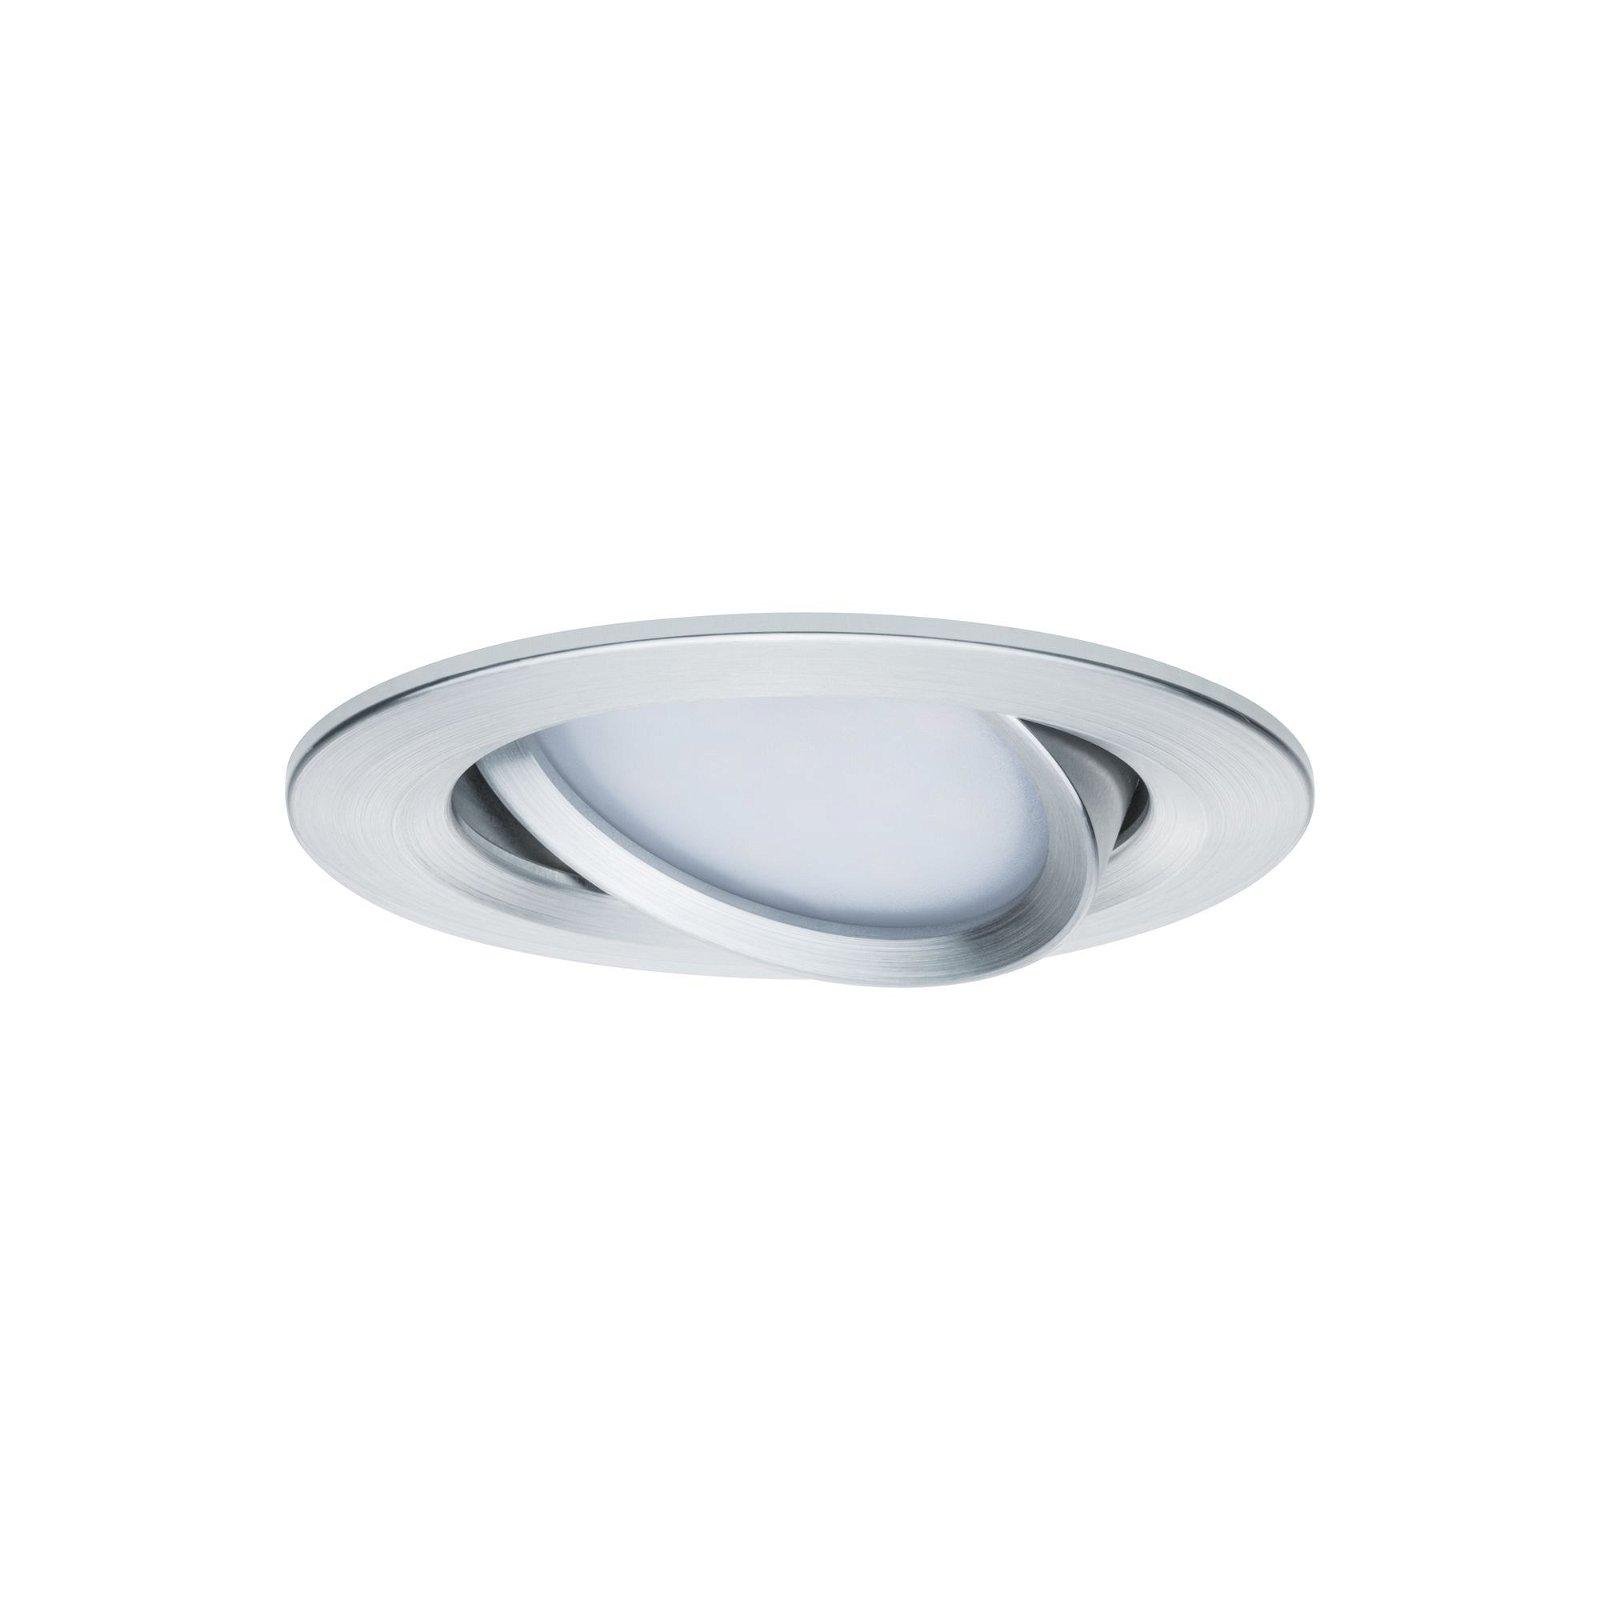 LED-inbouwlamp Nova Coin Basisset zwenkbaar rond 84mm 50° Coin 3x6,5W 3x460lm 230V 2700K Alu gedraaid